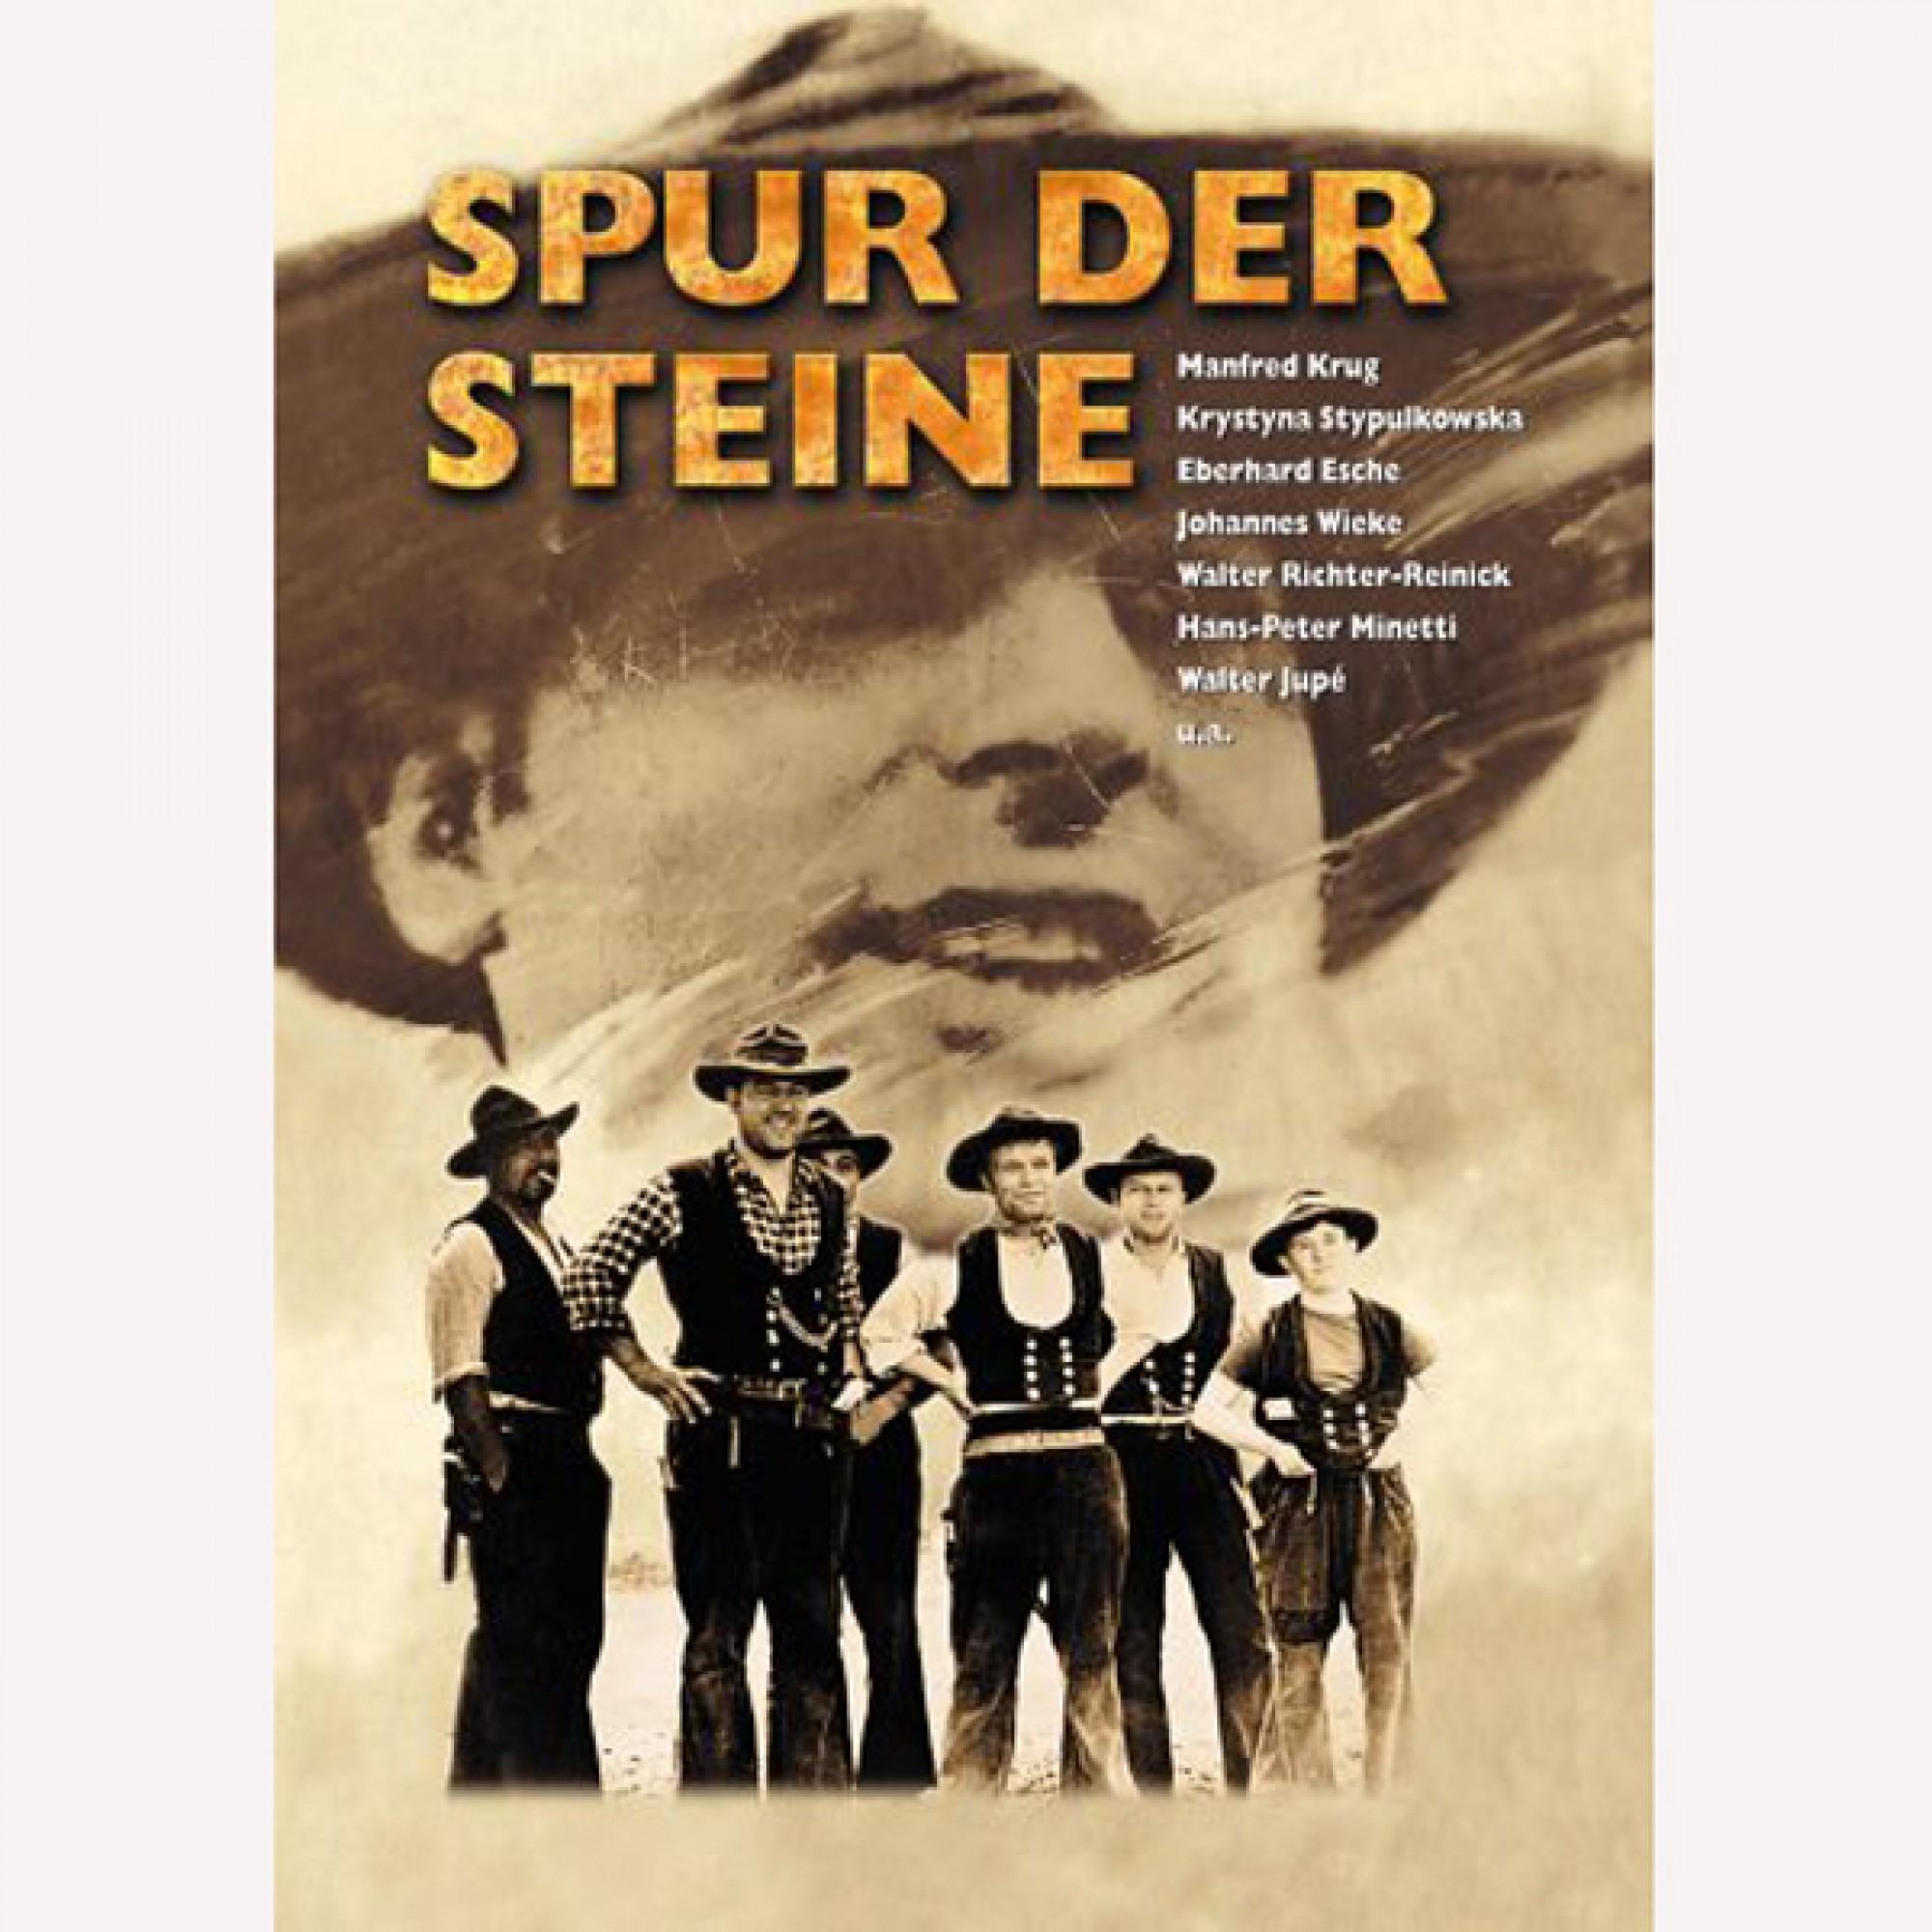 """Plakat zur Aufführung des Films """"Spur der Steine"""", der bereits nach drei Tagen wieder aus den DDR-Kinos verschwand."""